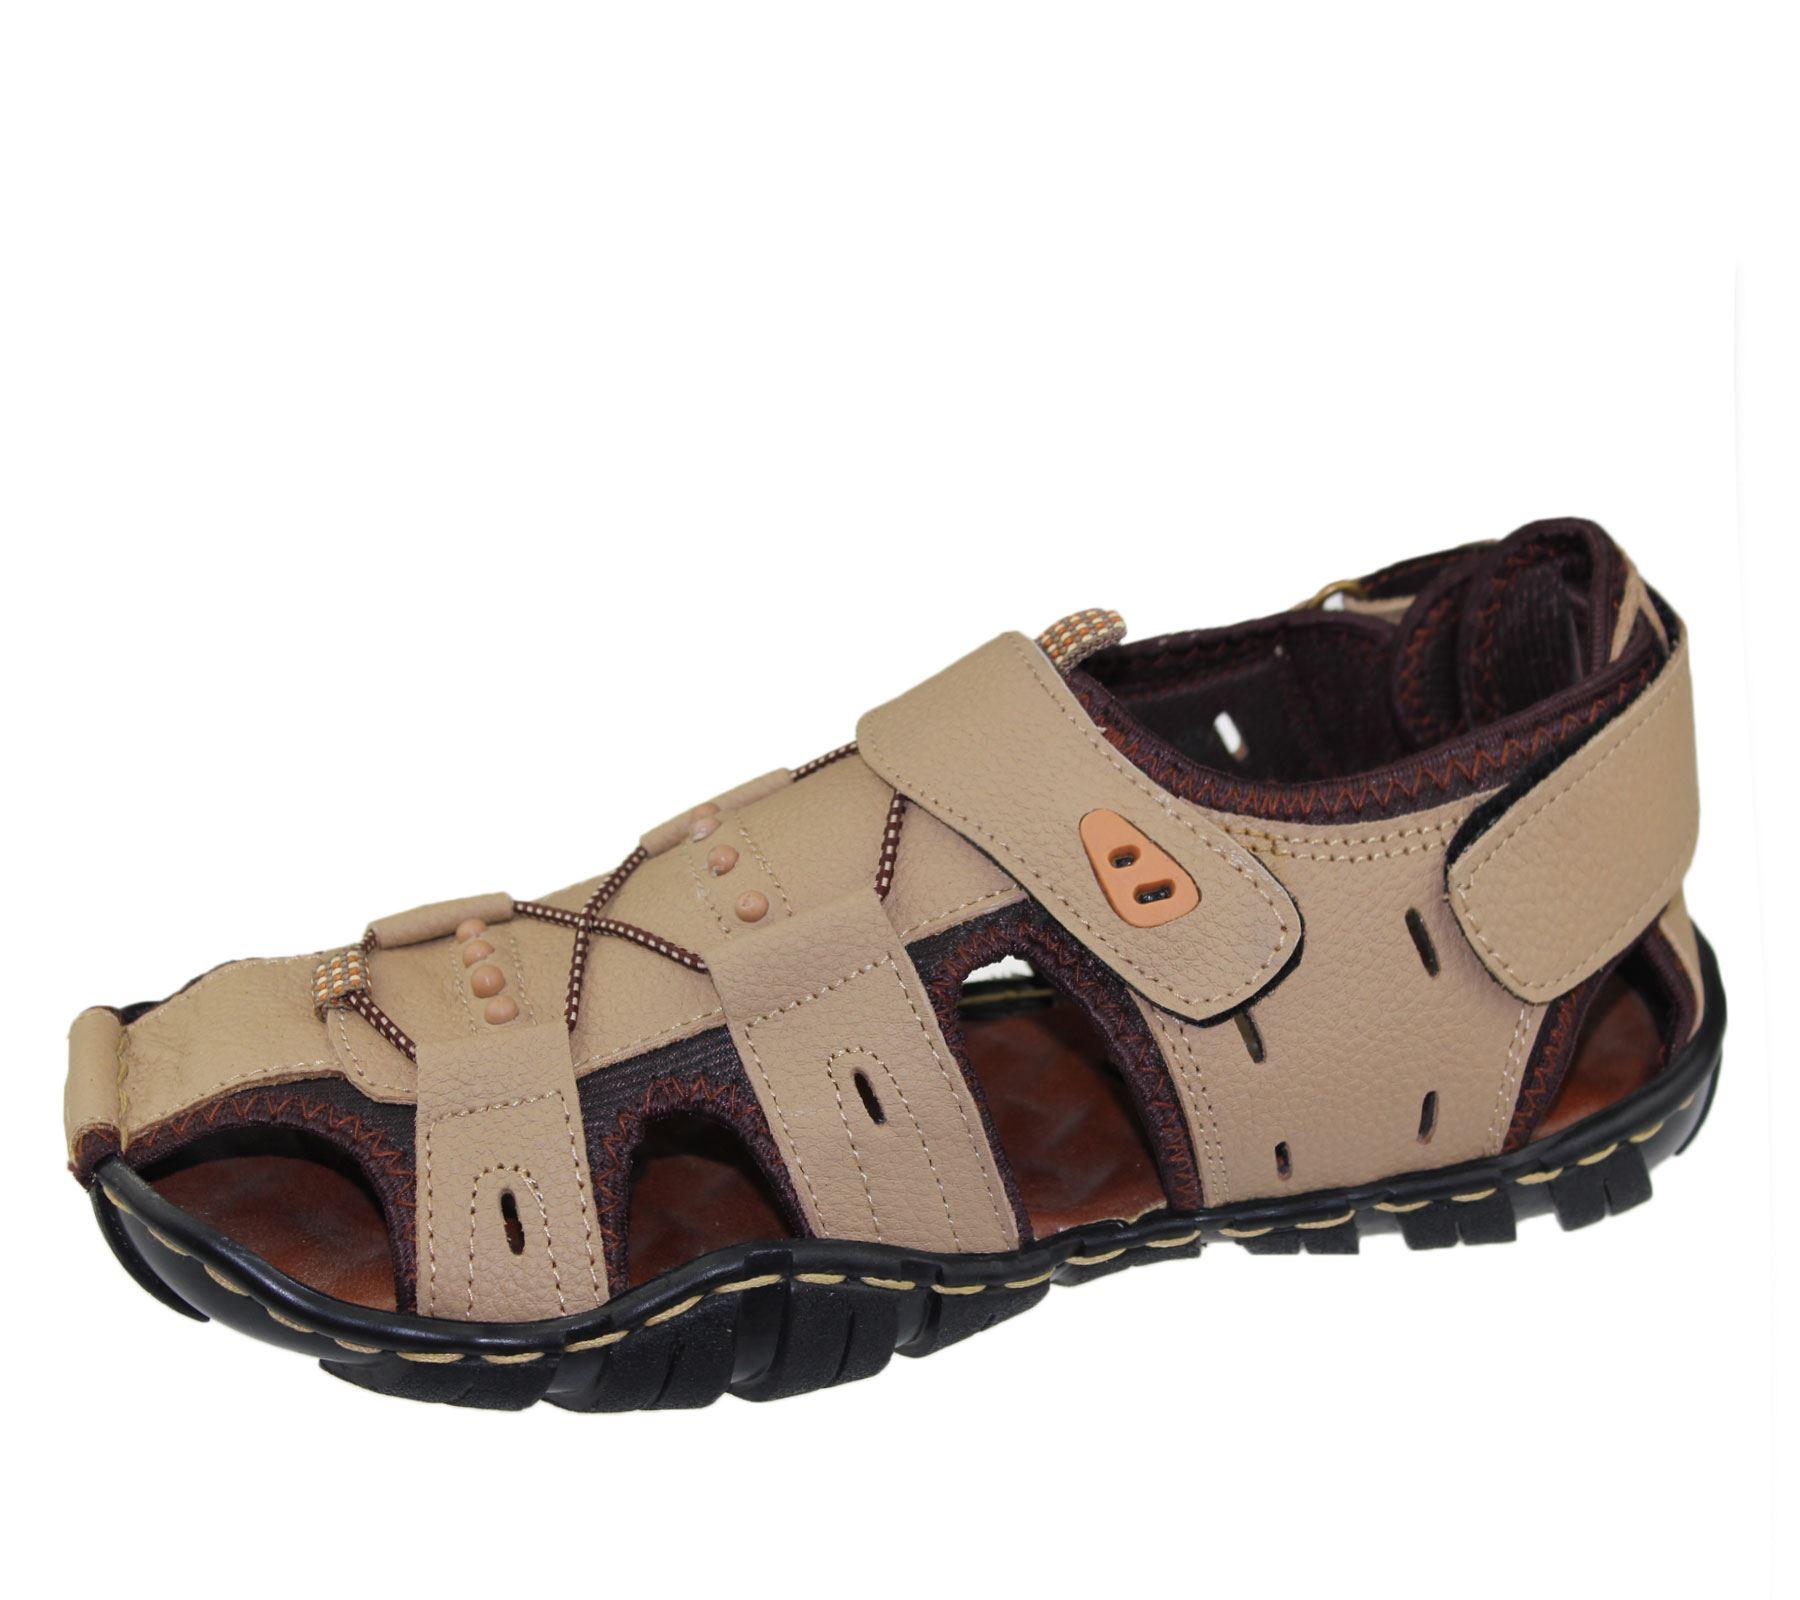 Mens-Sandal-Beach-Buckle-Walking-Fashion-Summer-Casual-Slipper miniatura 19